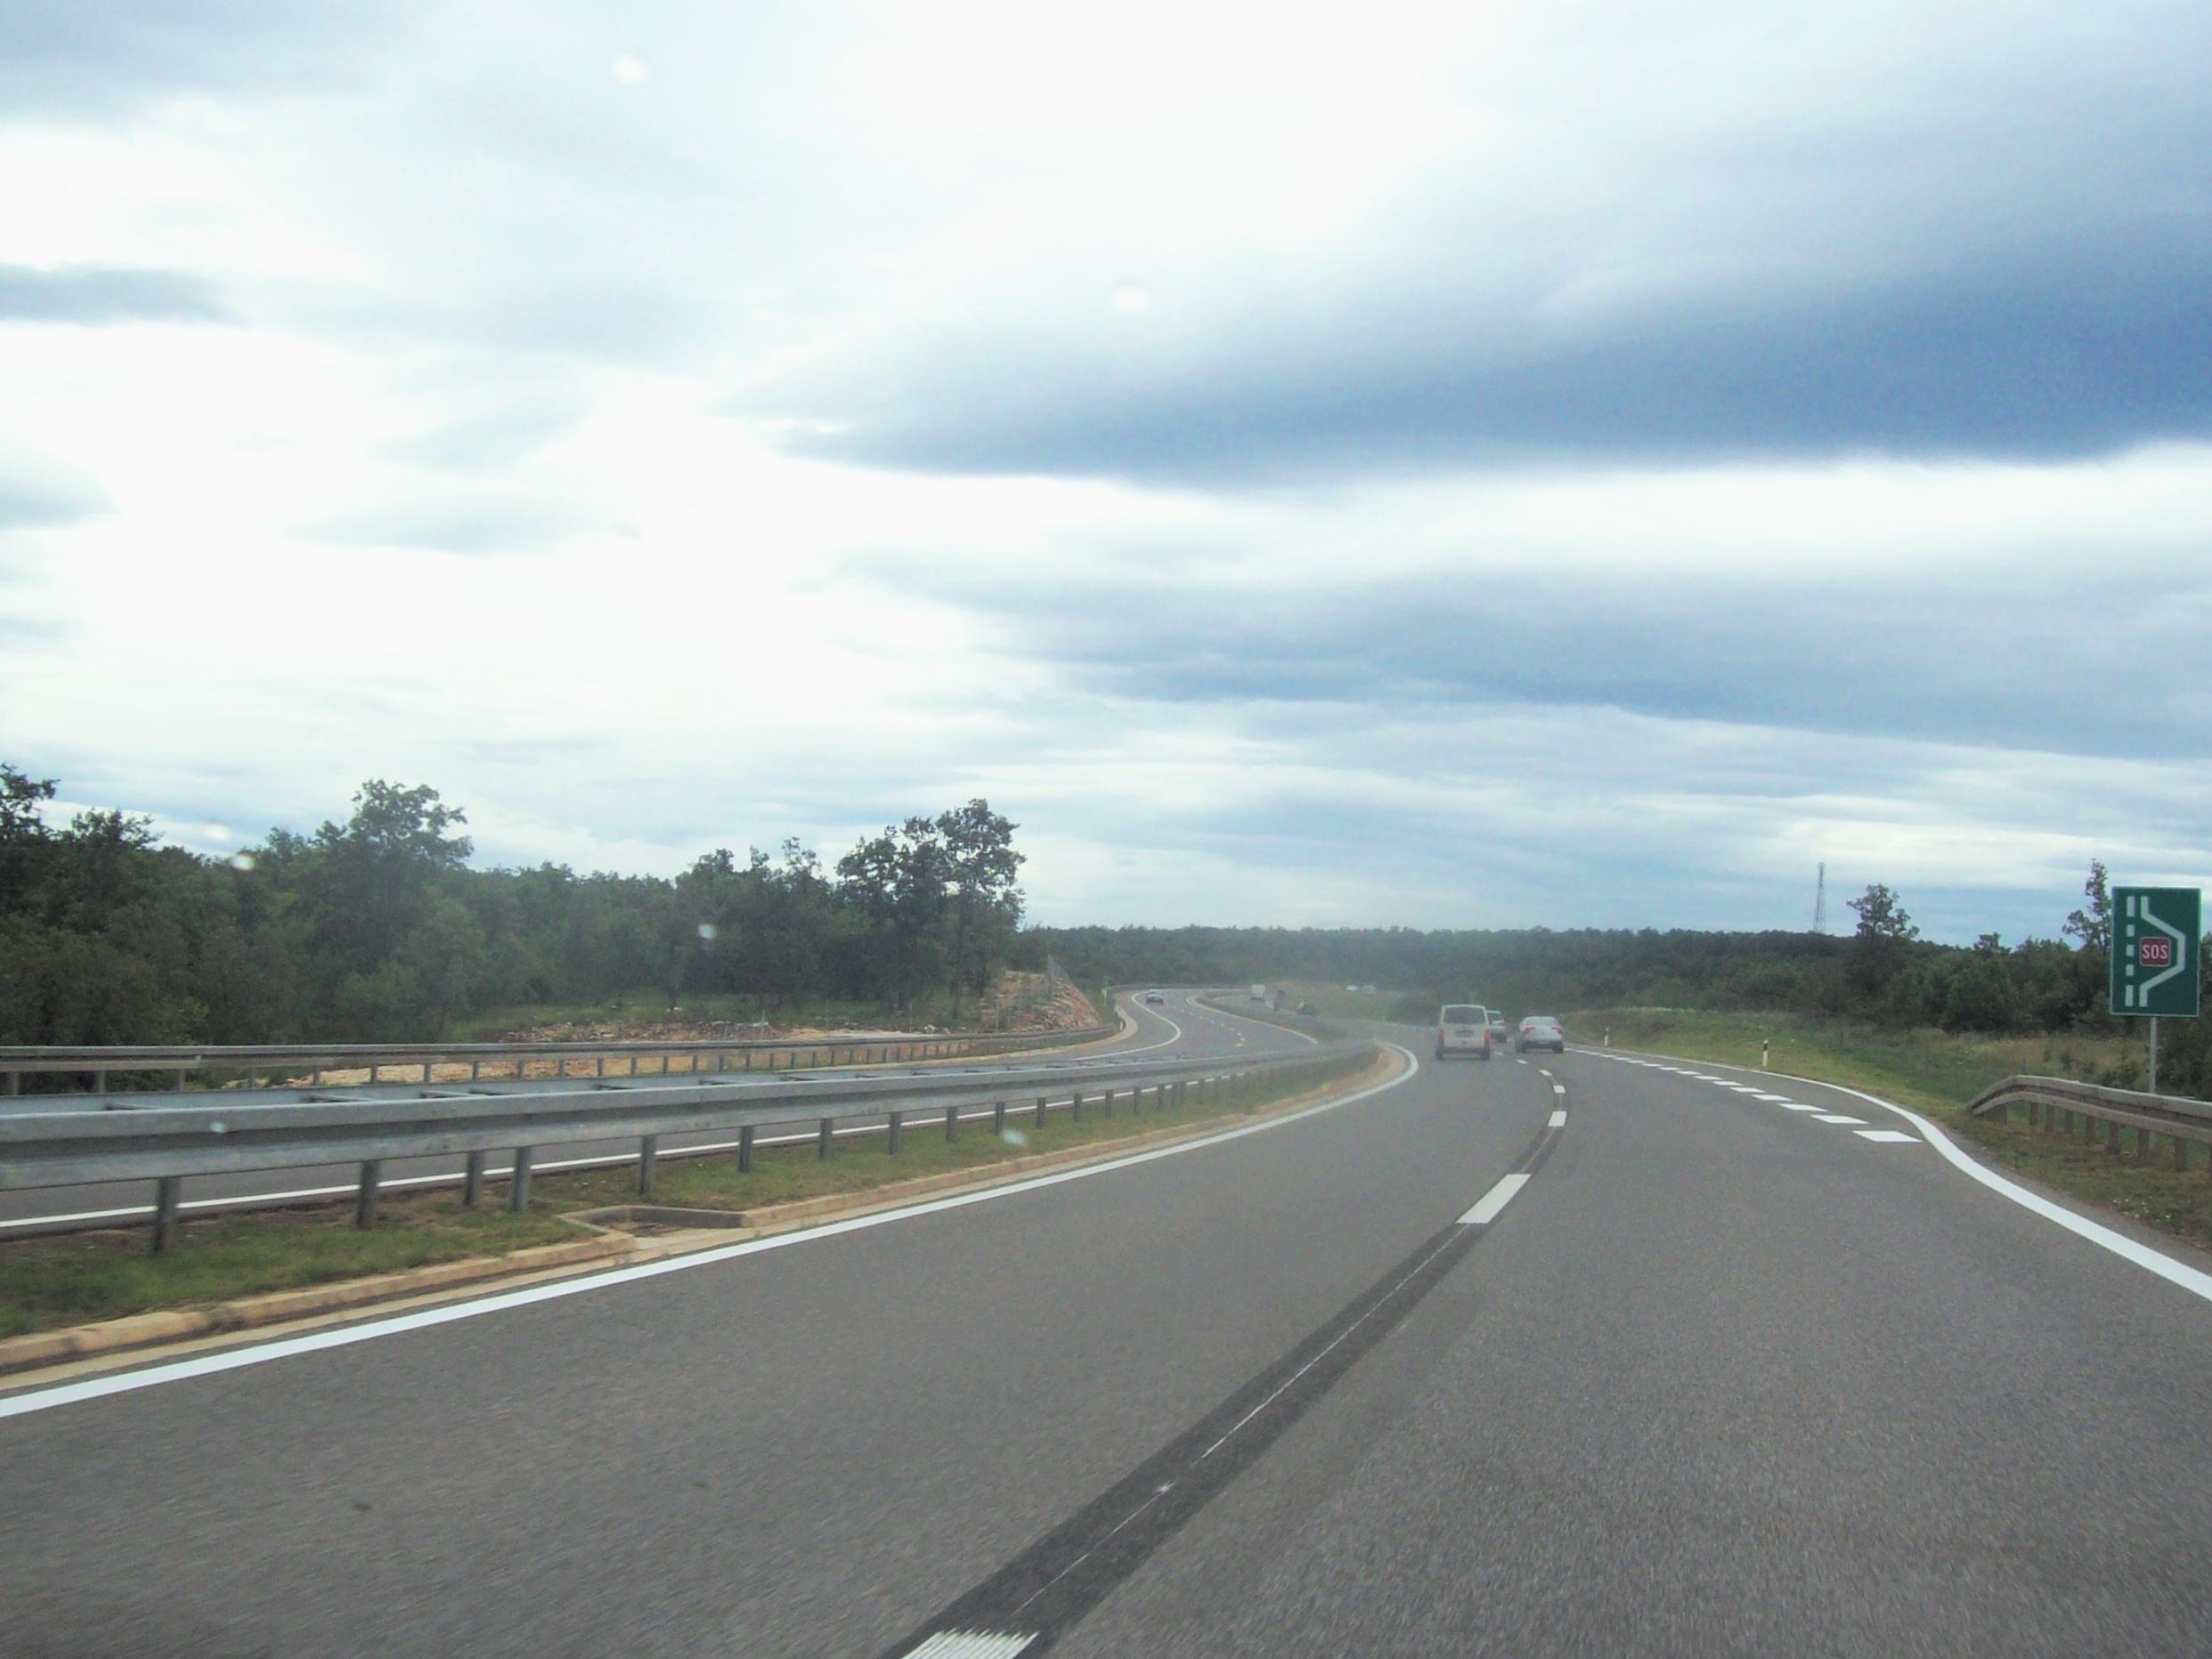 """Résultat de recherche d'images pour """"The Adriatic Highway - Croatia"""""""